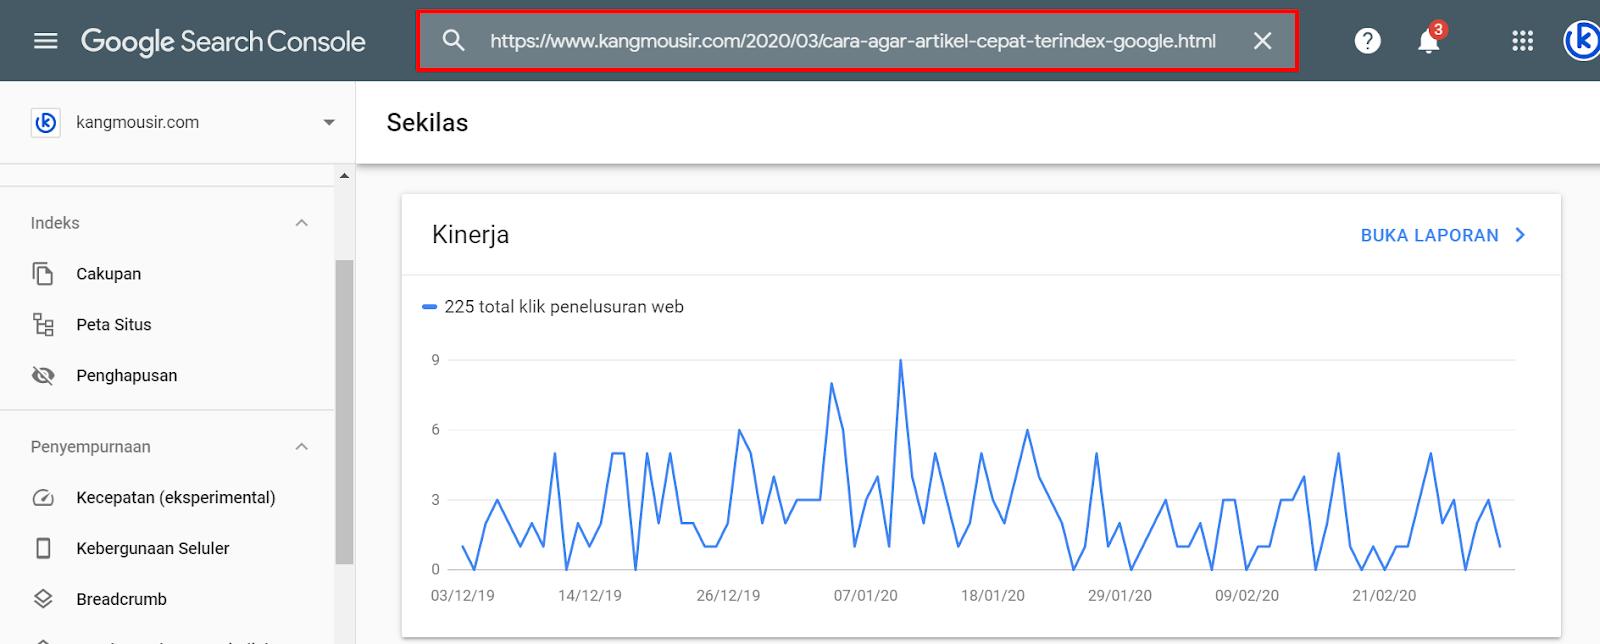 Cara Agar Artikel Cepat Terindex Google Dalam Hitungan Detik